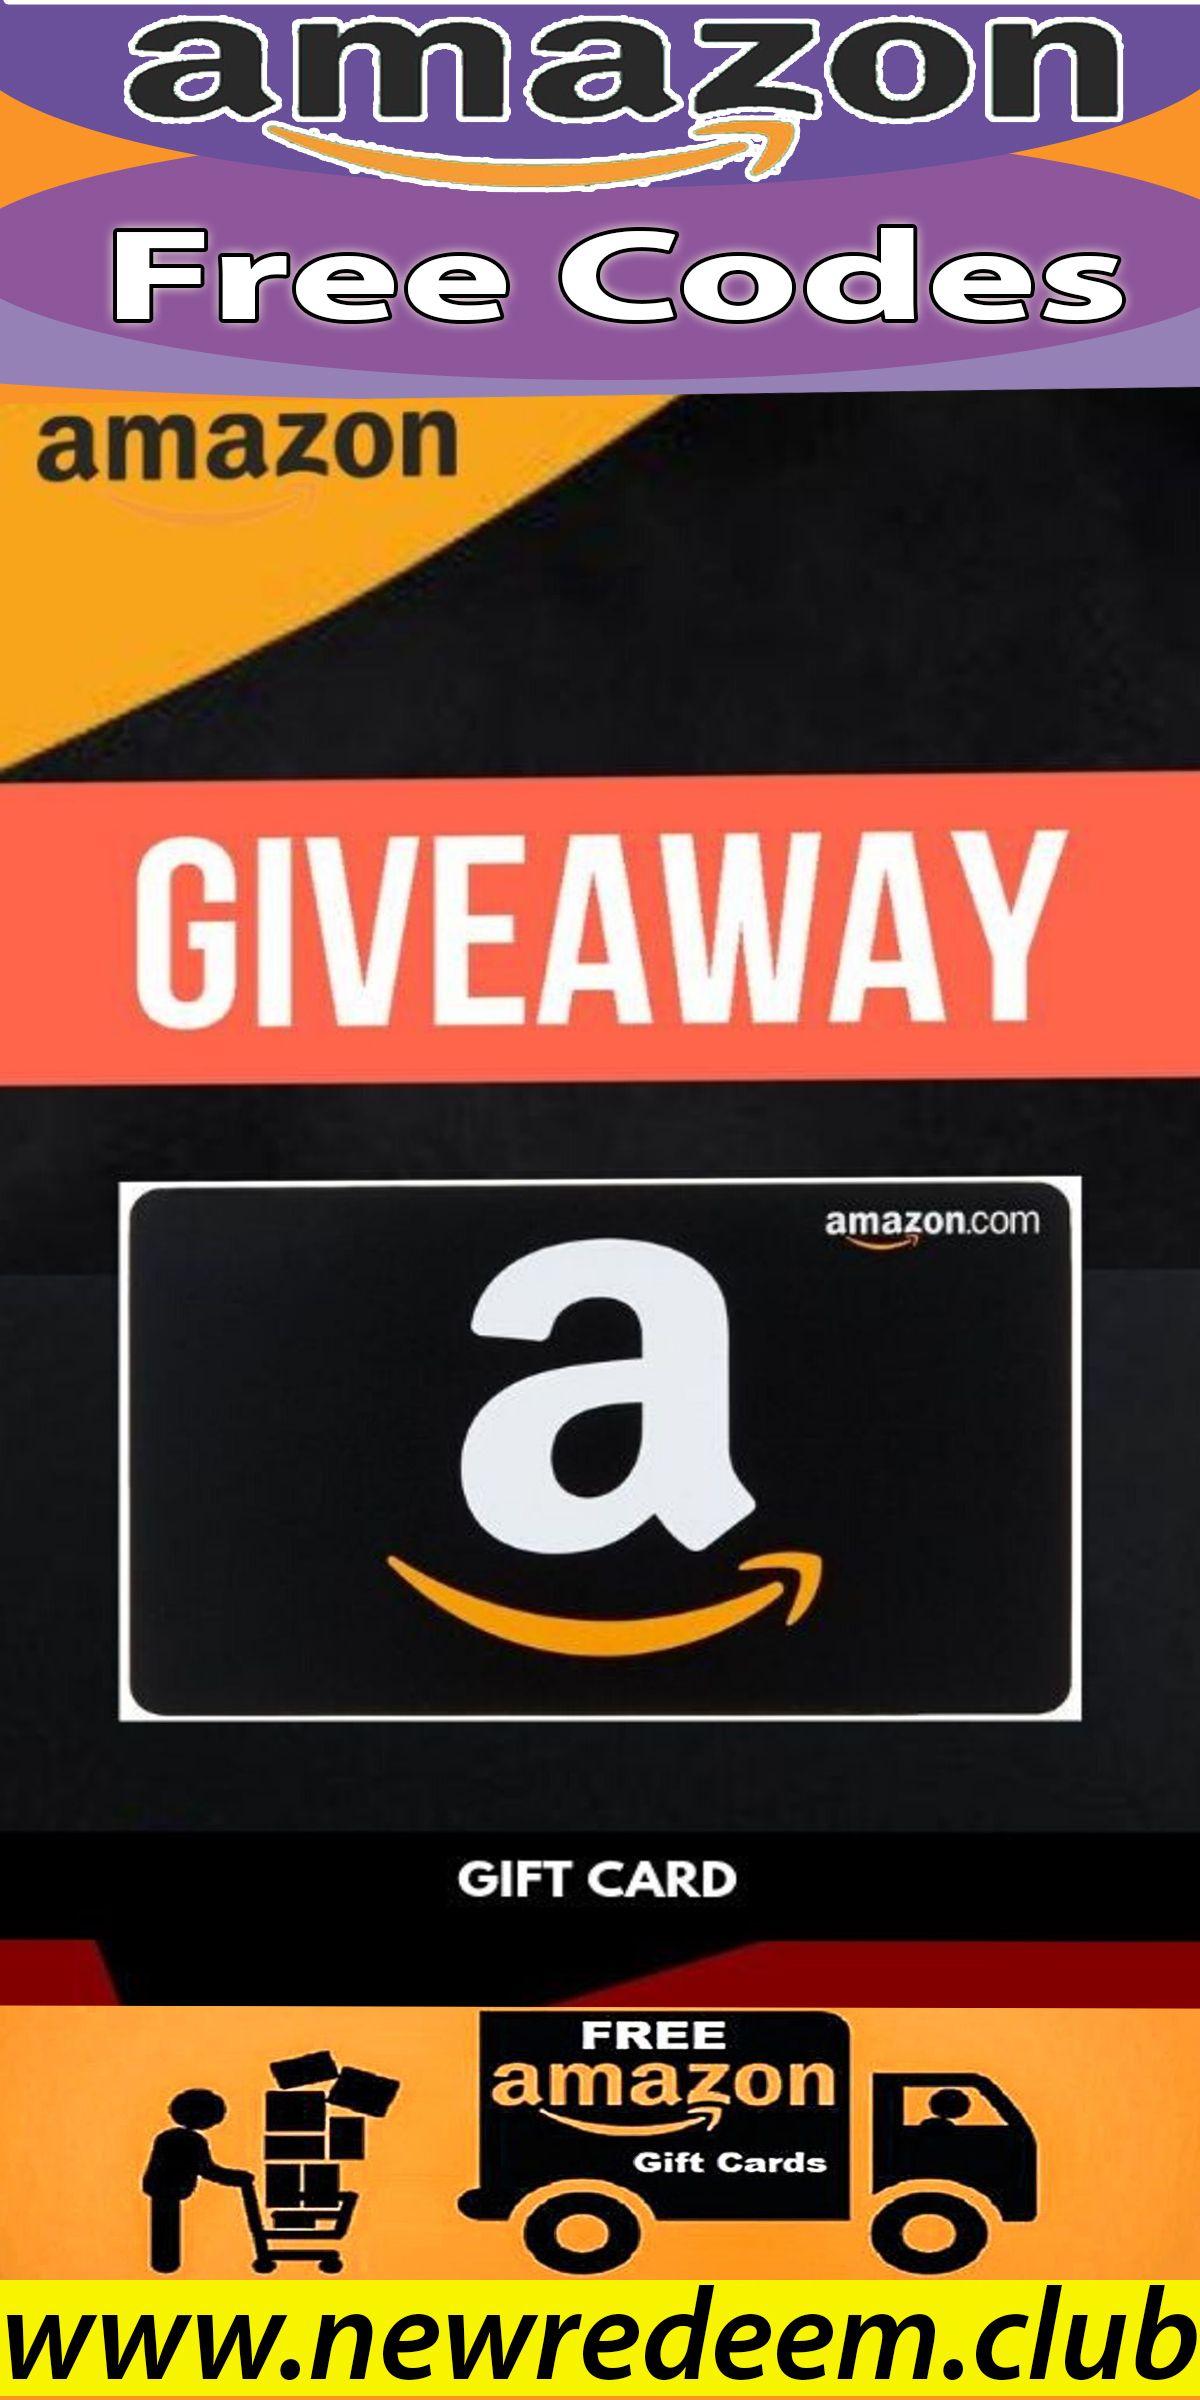 Amazon Gift Card Giveaway Amazon Gift Card Free Amazon Gift Cards Free Gift Cards